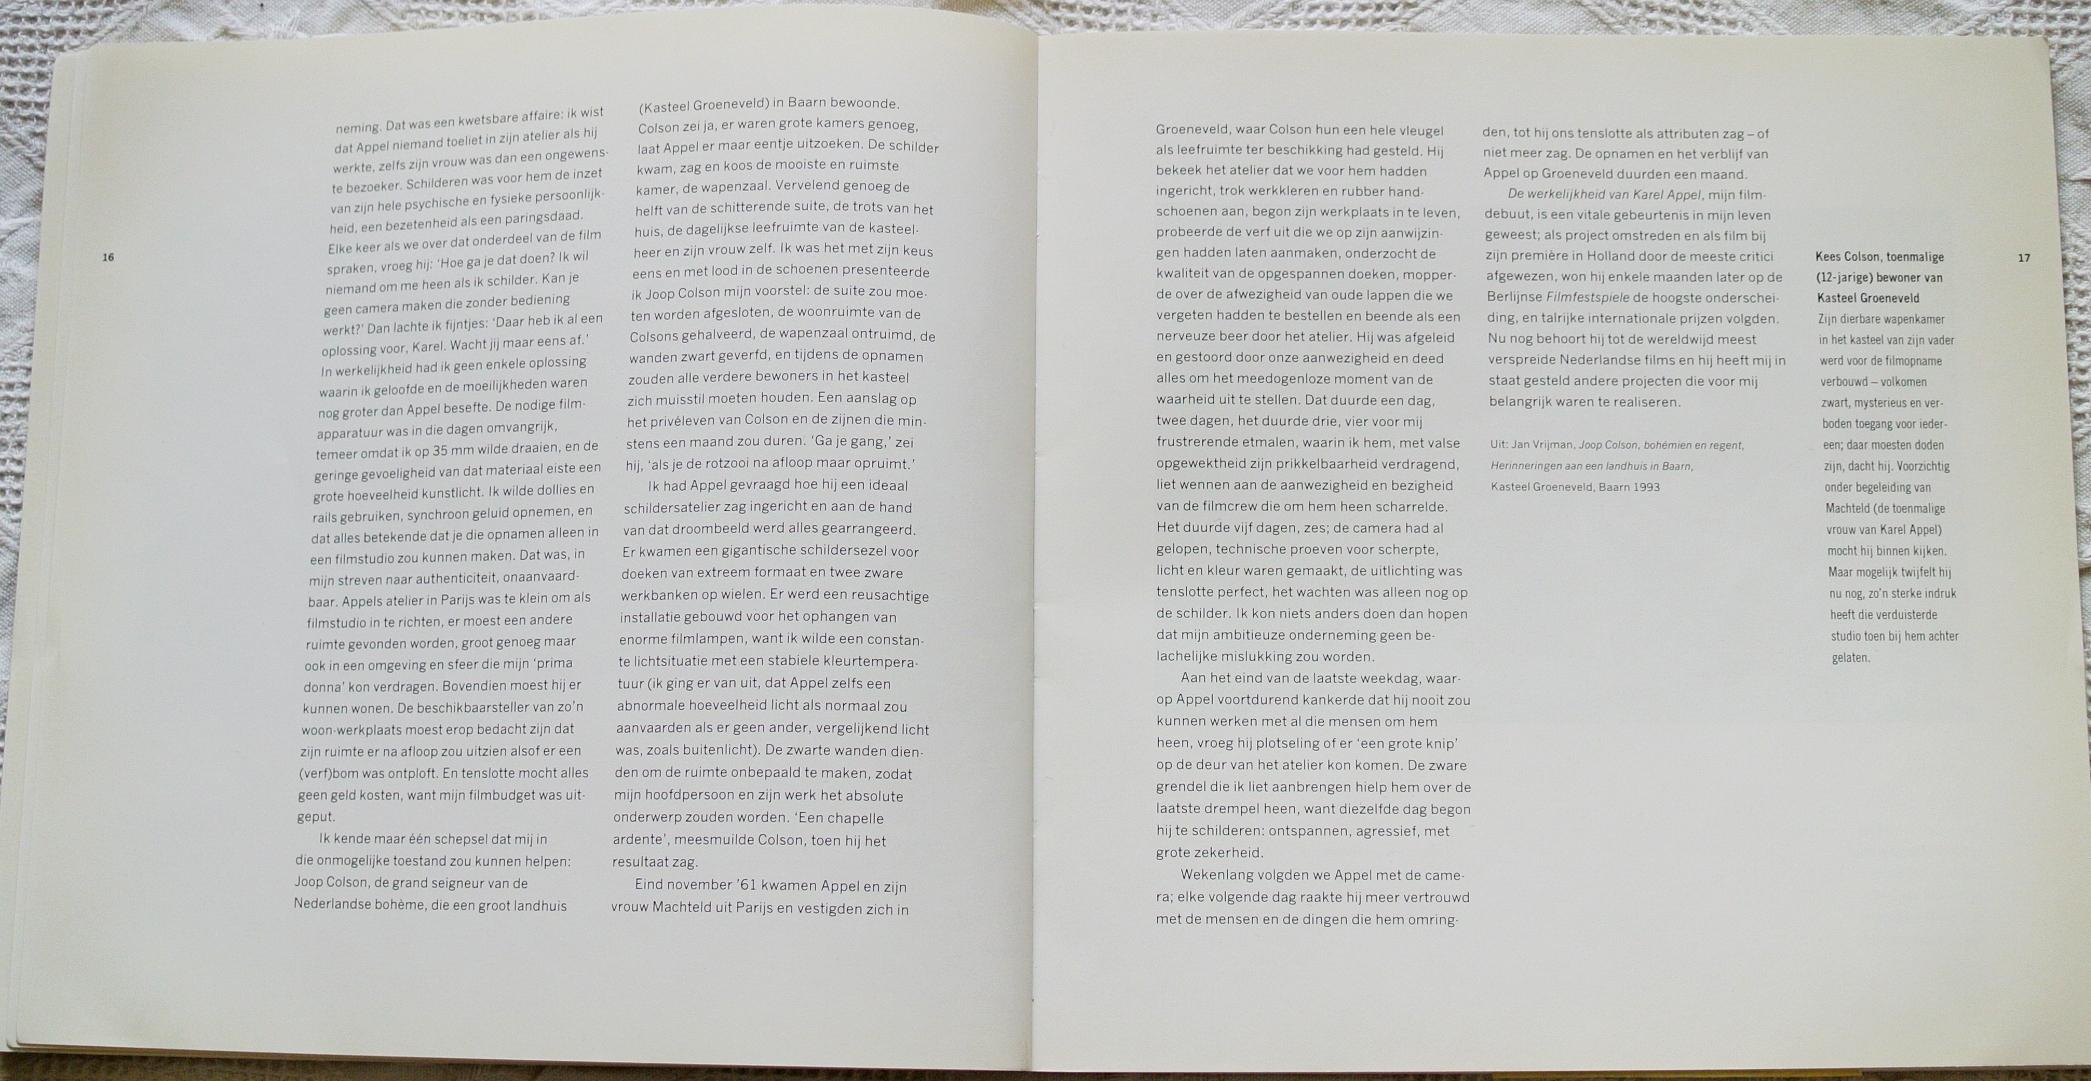 DSC_6254 Jan Vrijman over Werkelijkheid 2